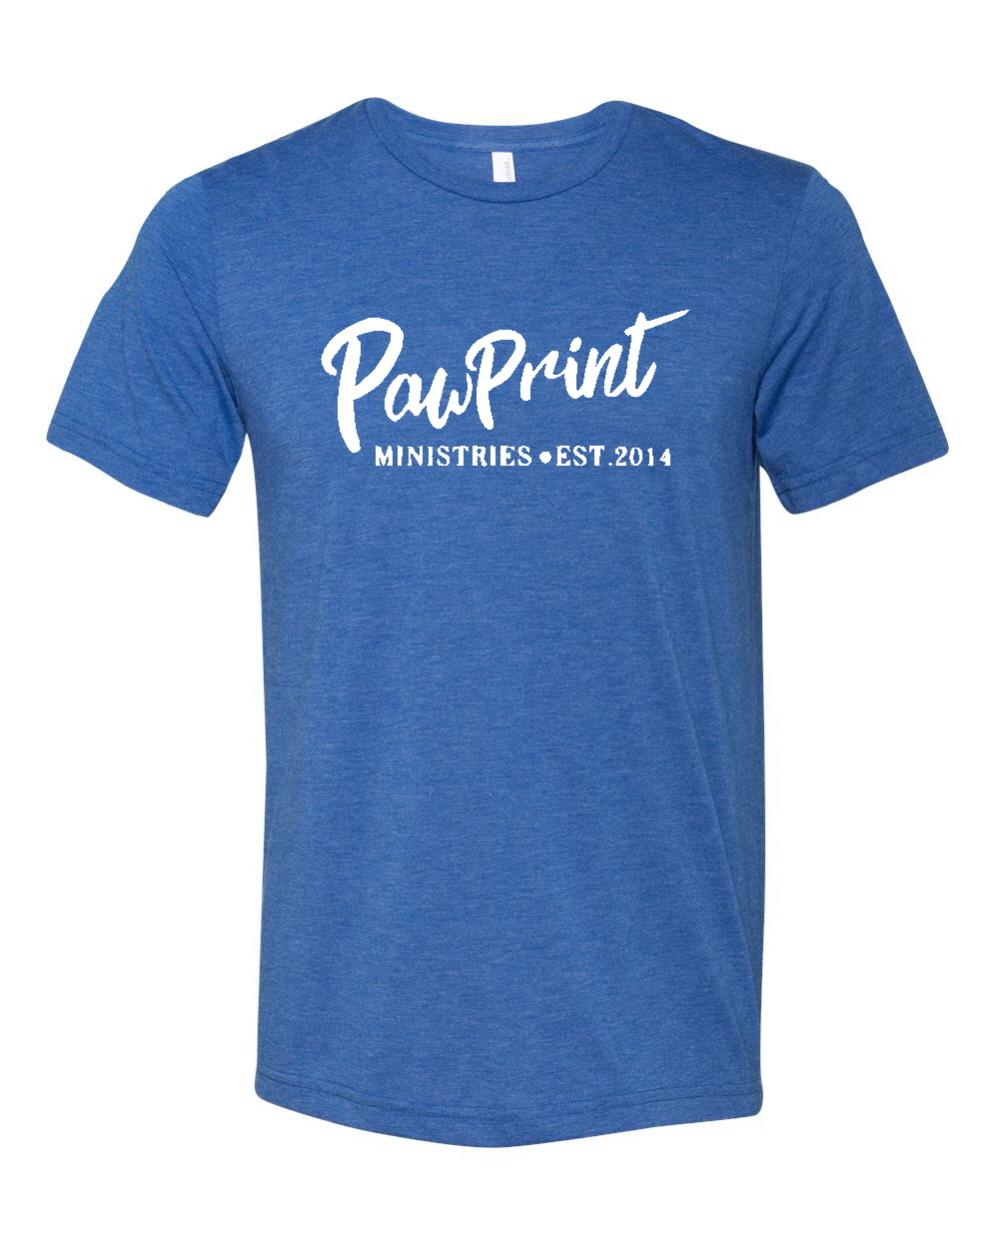 PPM T-shirt